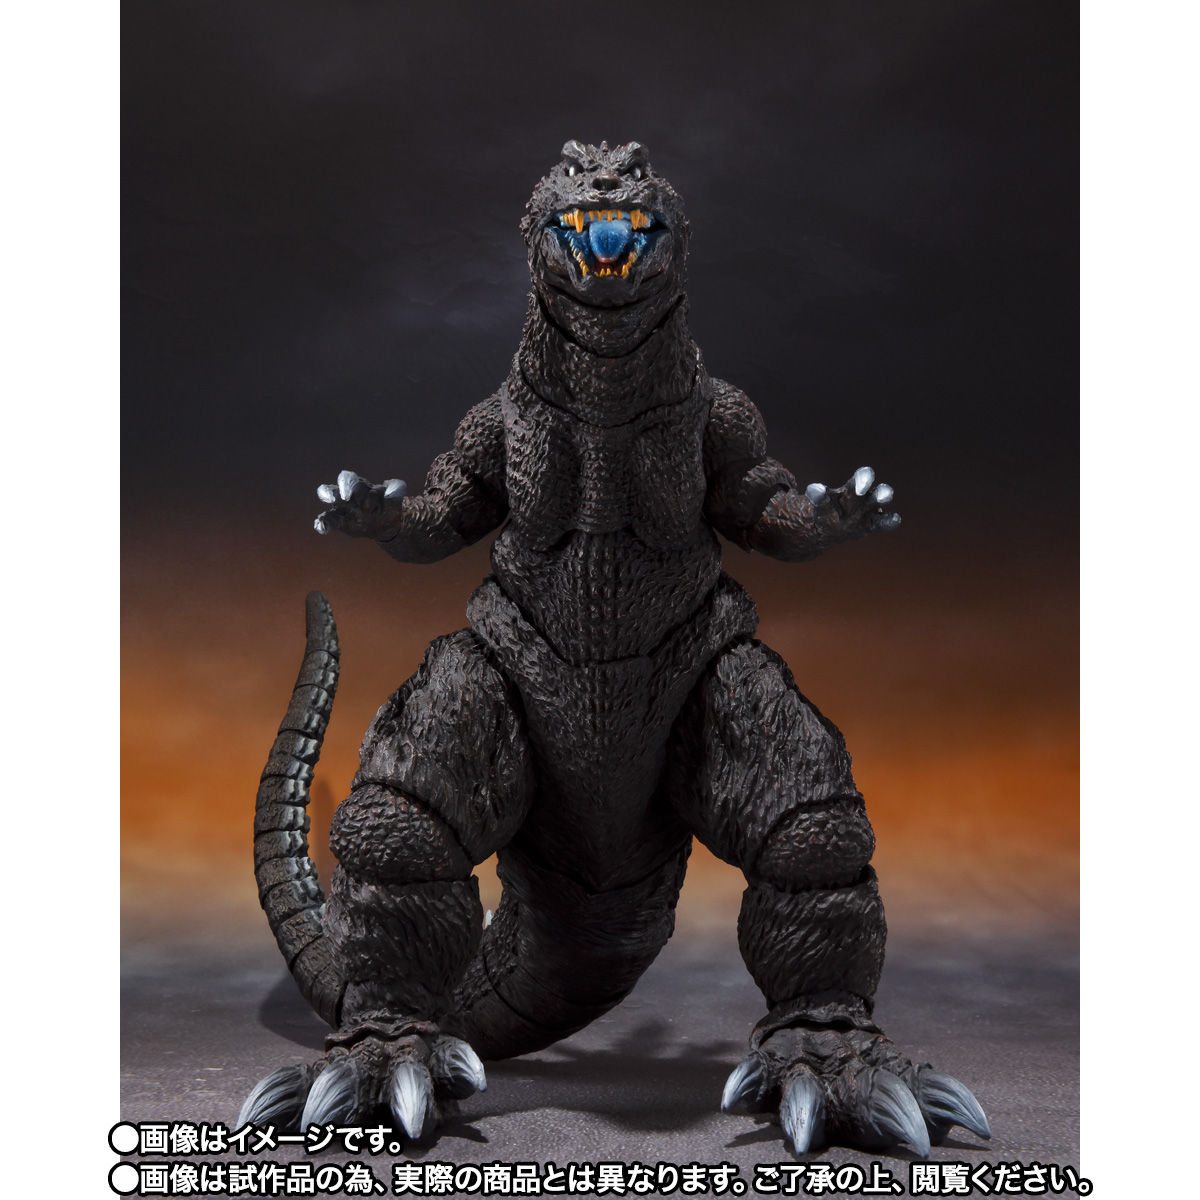 【限定販売】S.H.MonsterArts『ゴジラ(2001)放射熱線Ver.』大怪獣総攻撃 可動フィギュア-007